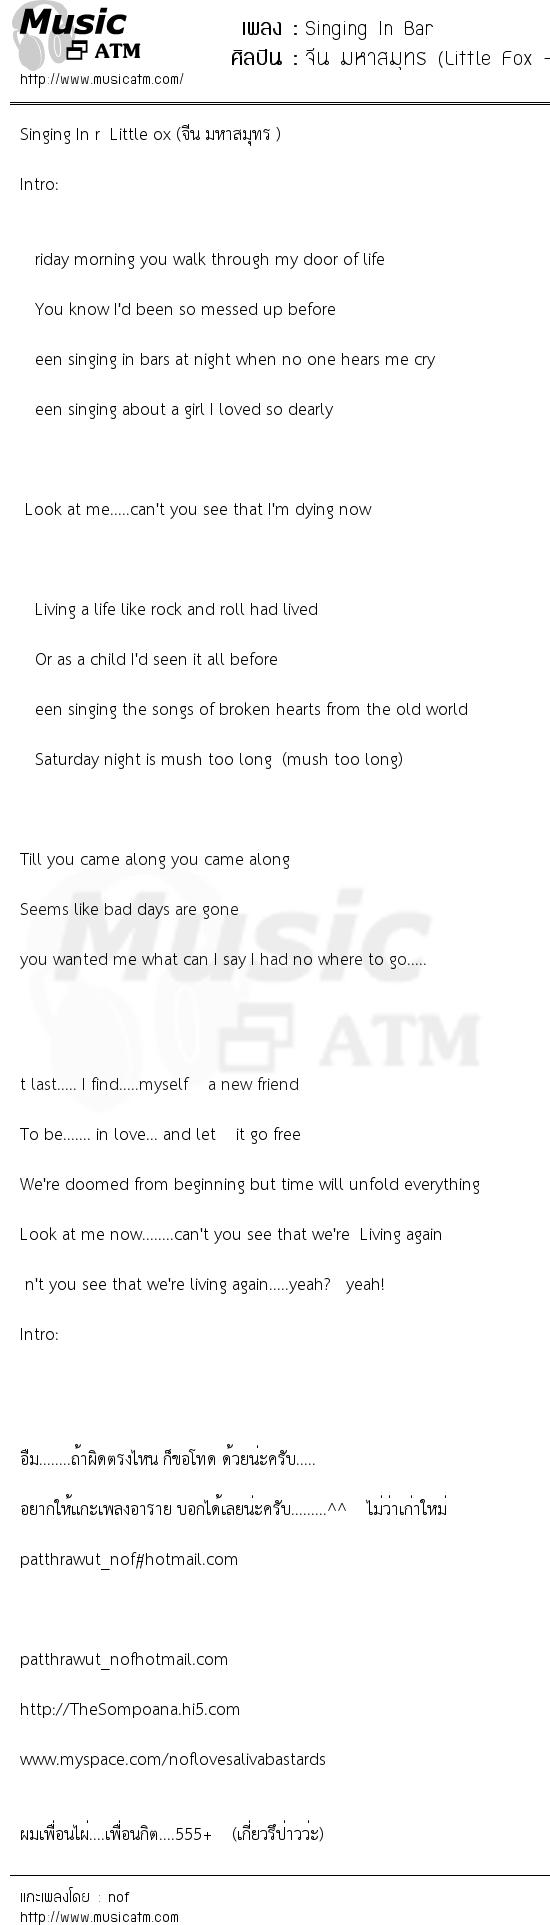 เนื้อเพลง Singing In Bar - จีน มหาสมุทร (Little Fox -- จีน Saliva Bastards) | เพลงไทย